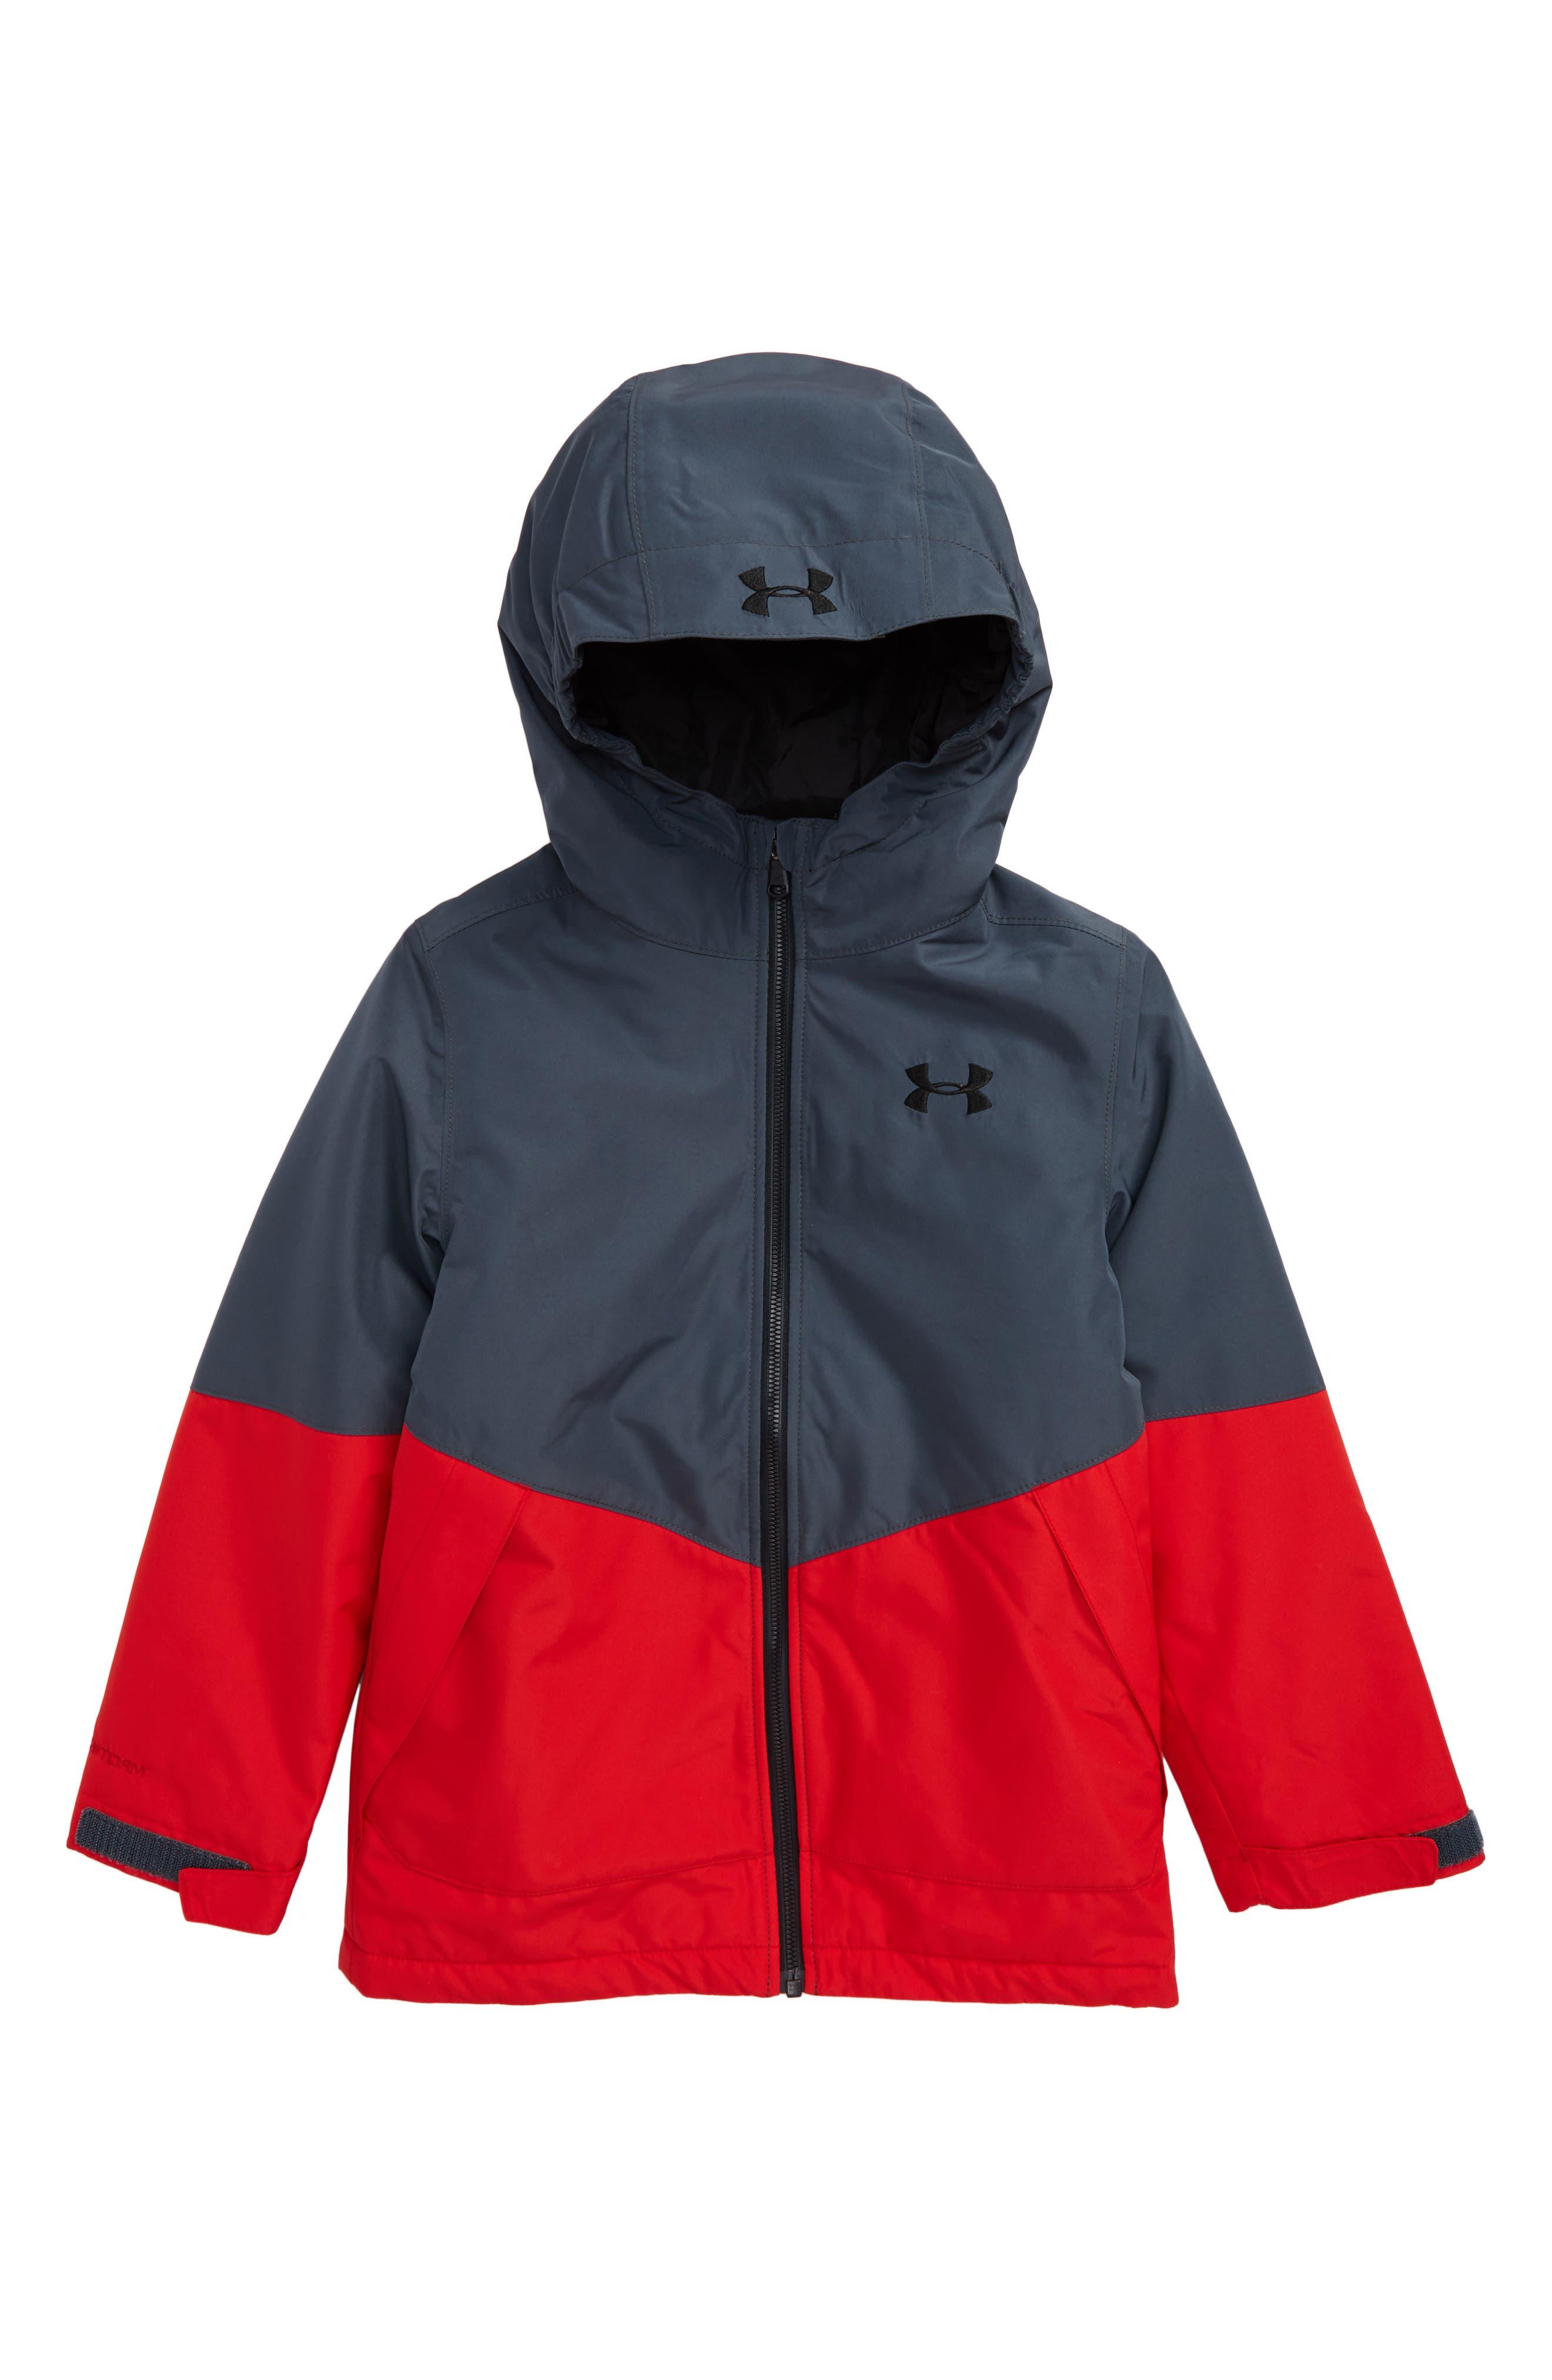 under armour kids clothes sale